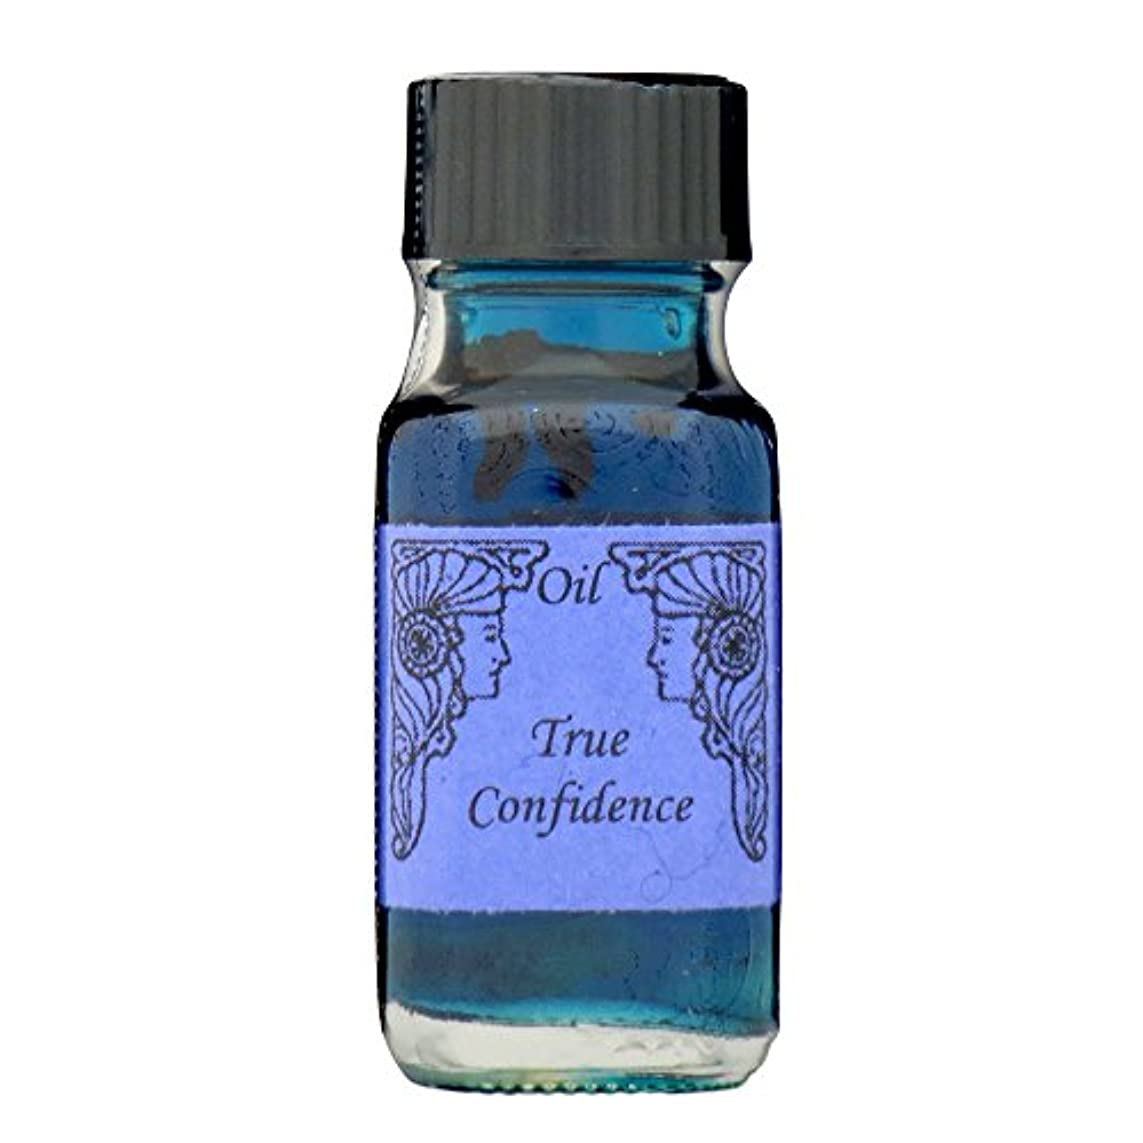 コミュニティ細い解釈的アンシェントメモリーオイル トゥルーコンフィデンス (真の自信) 15ml (Ancient Memory Oils)